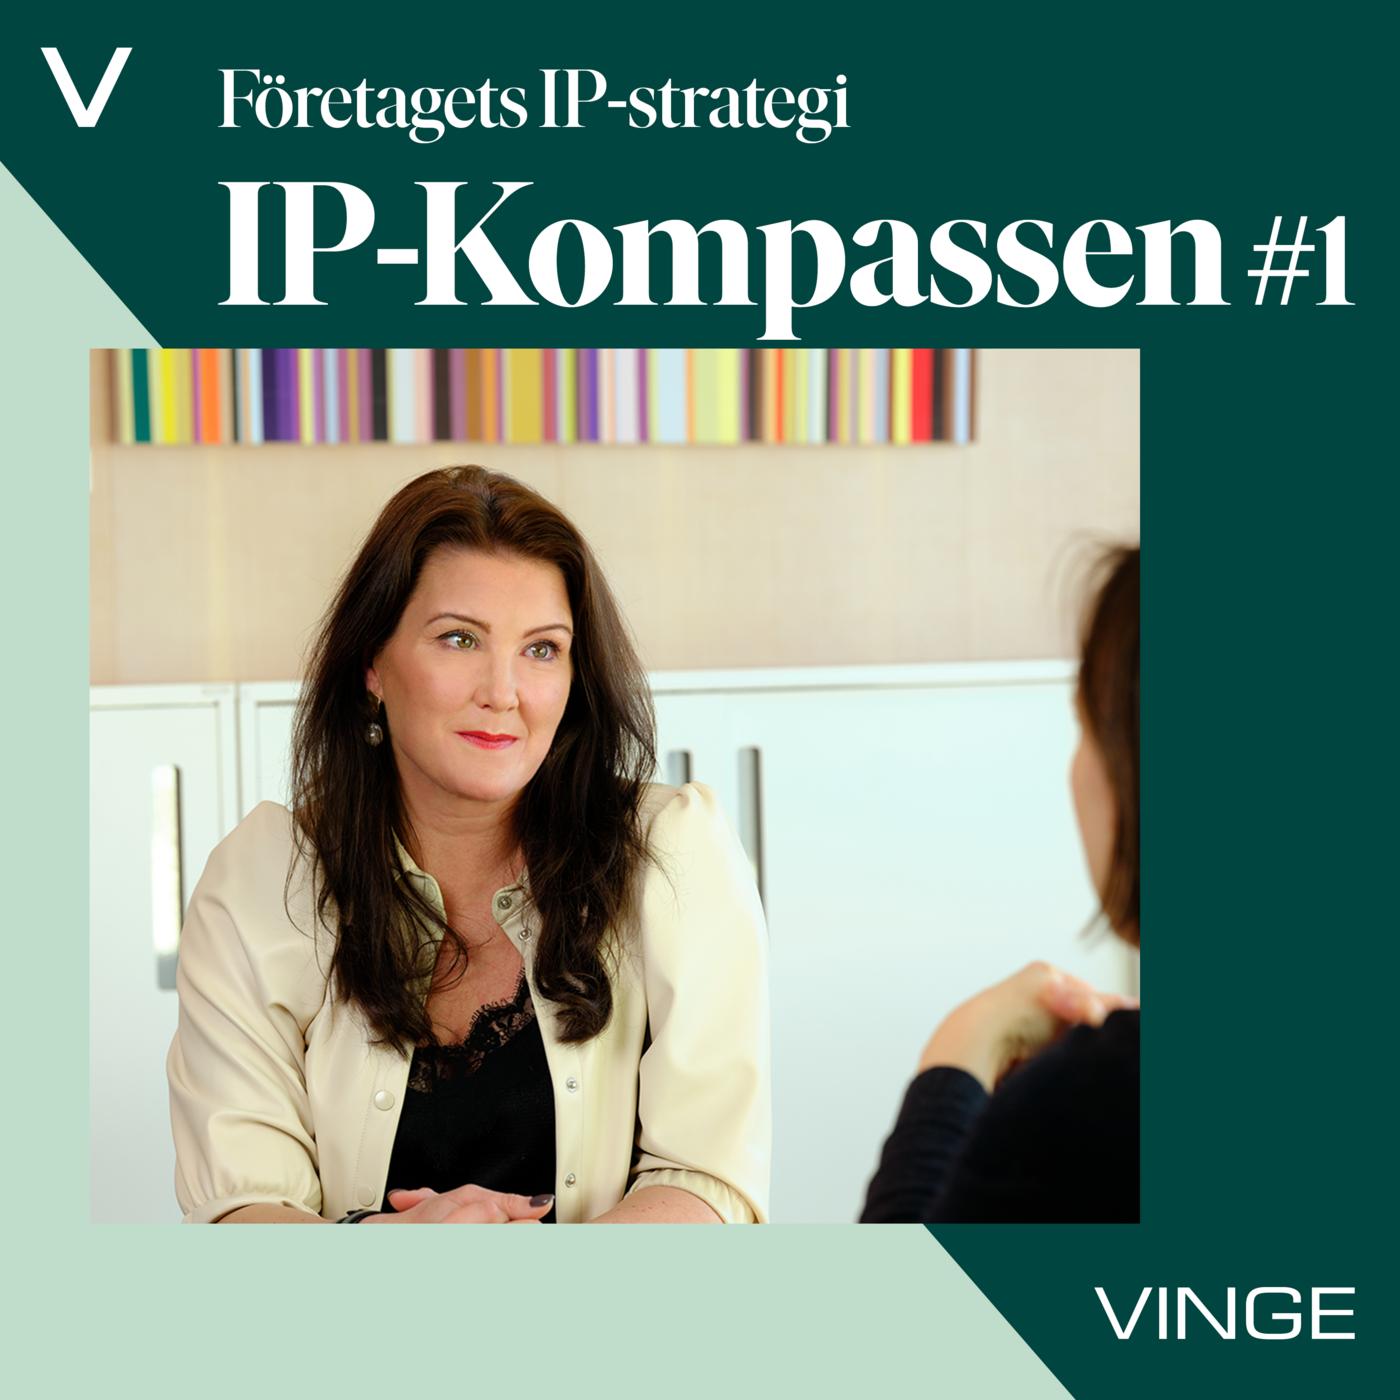 #1 Företagets IP-strategi